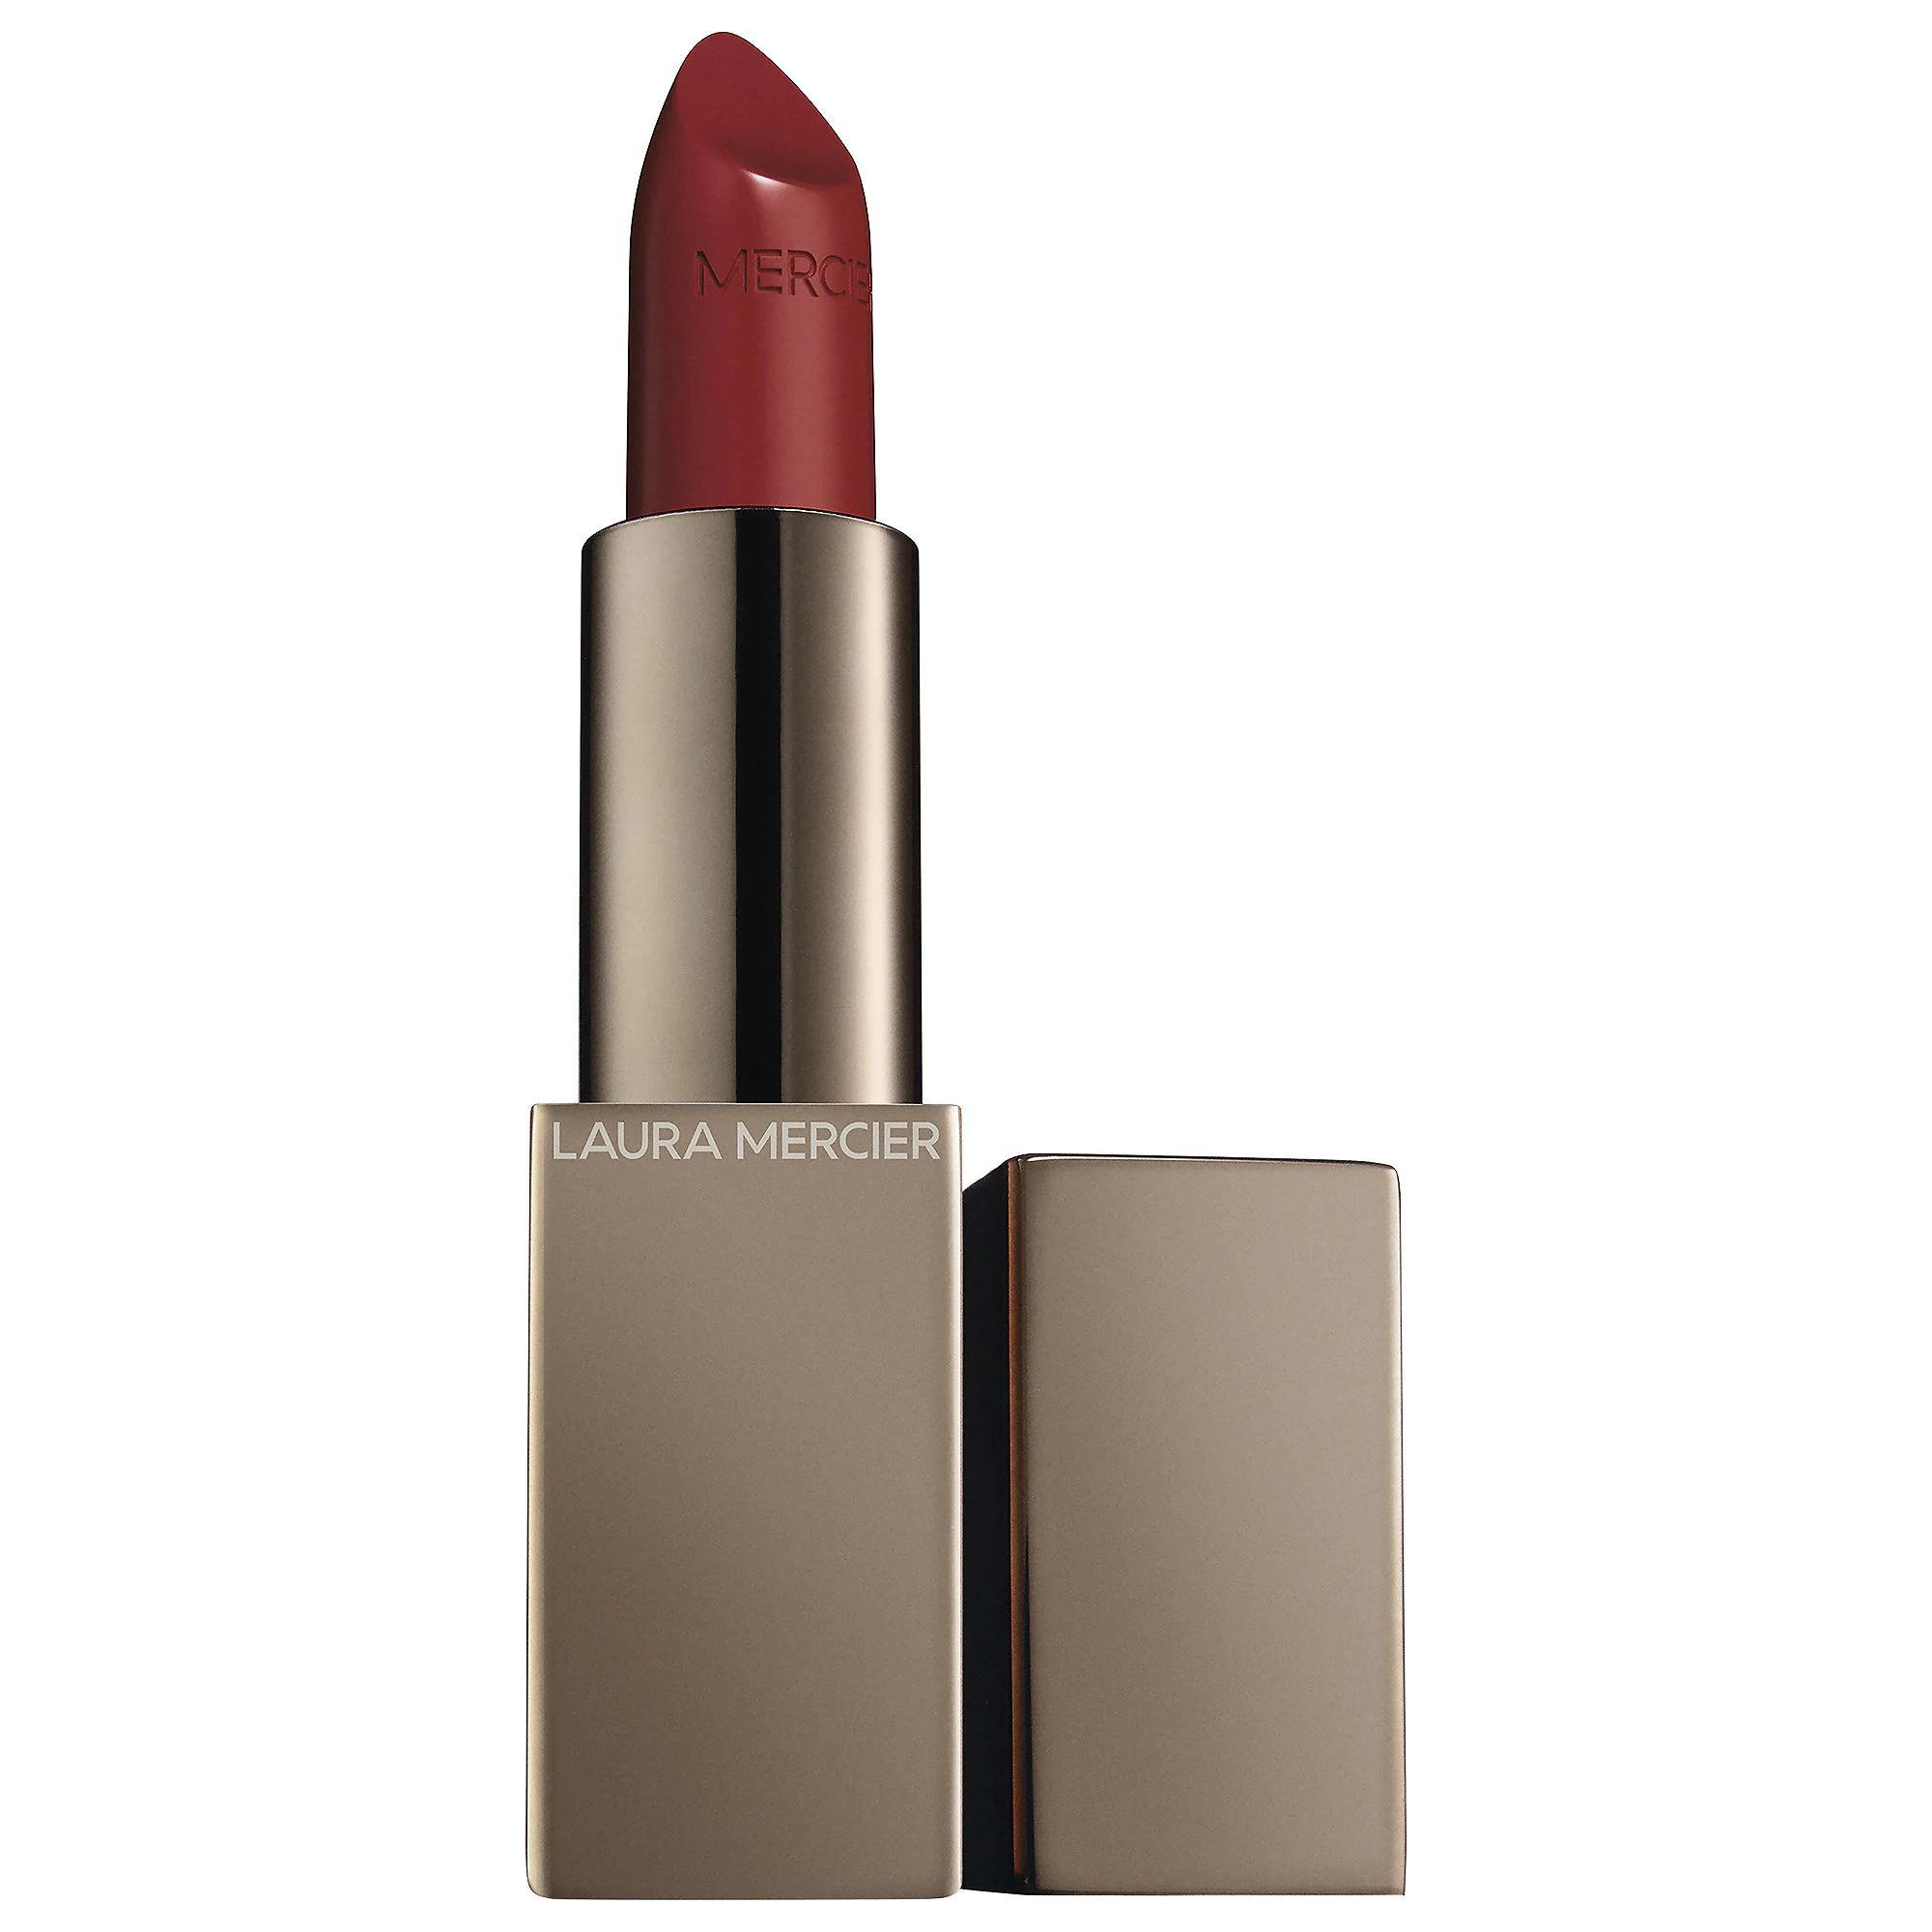 Laura Mercier Rouge Essentiel Silky Crème Lipstick Rouge Profond